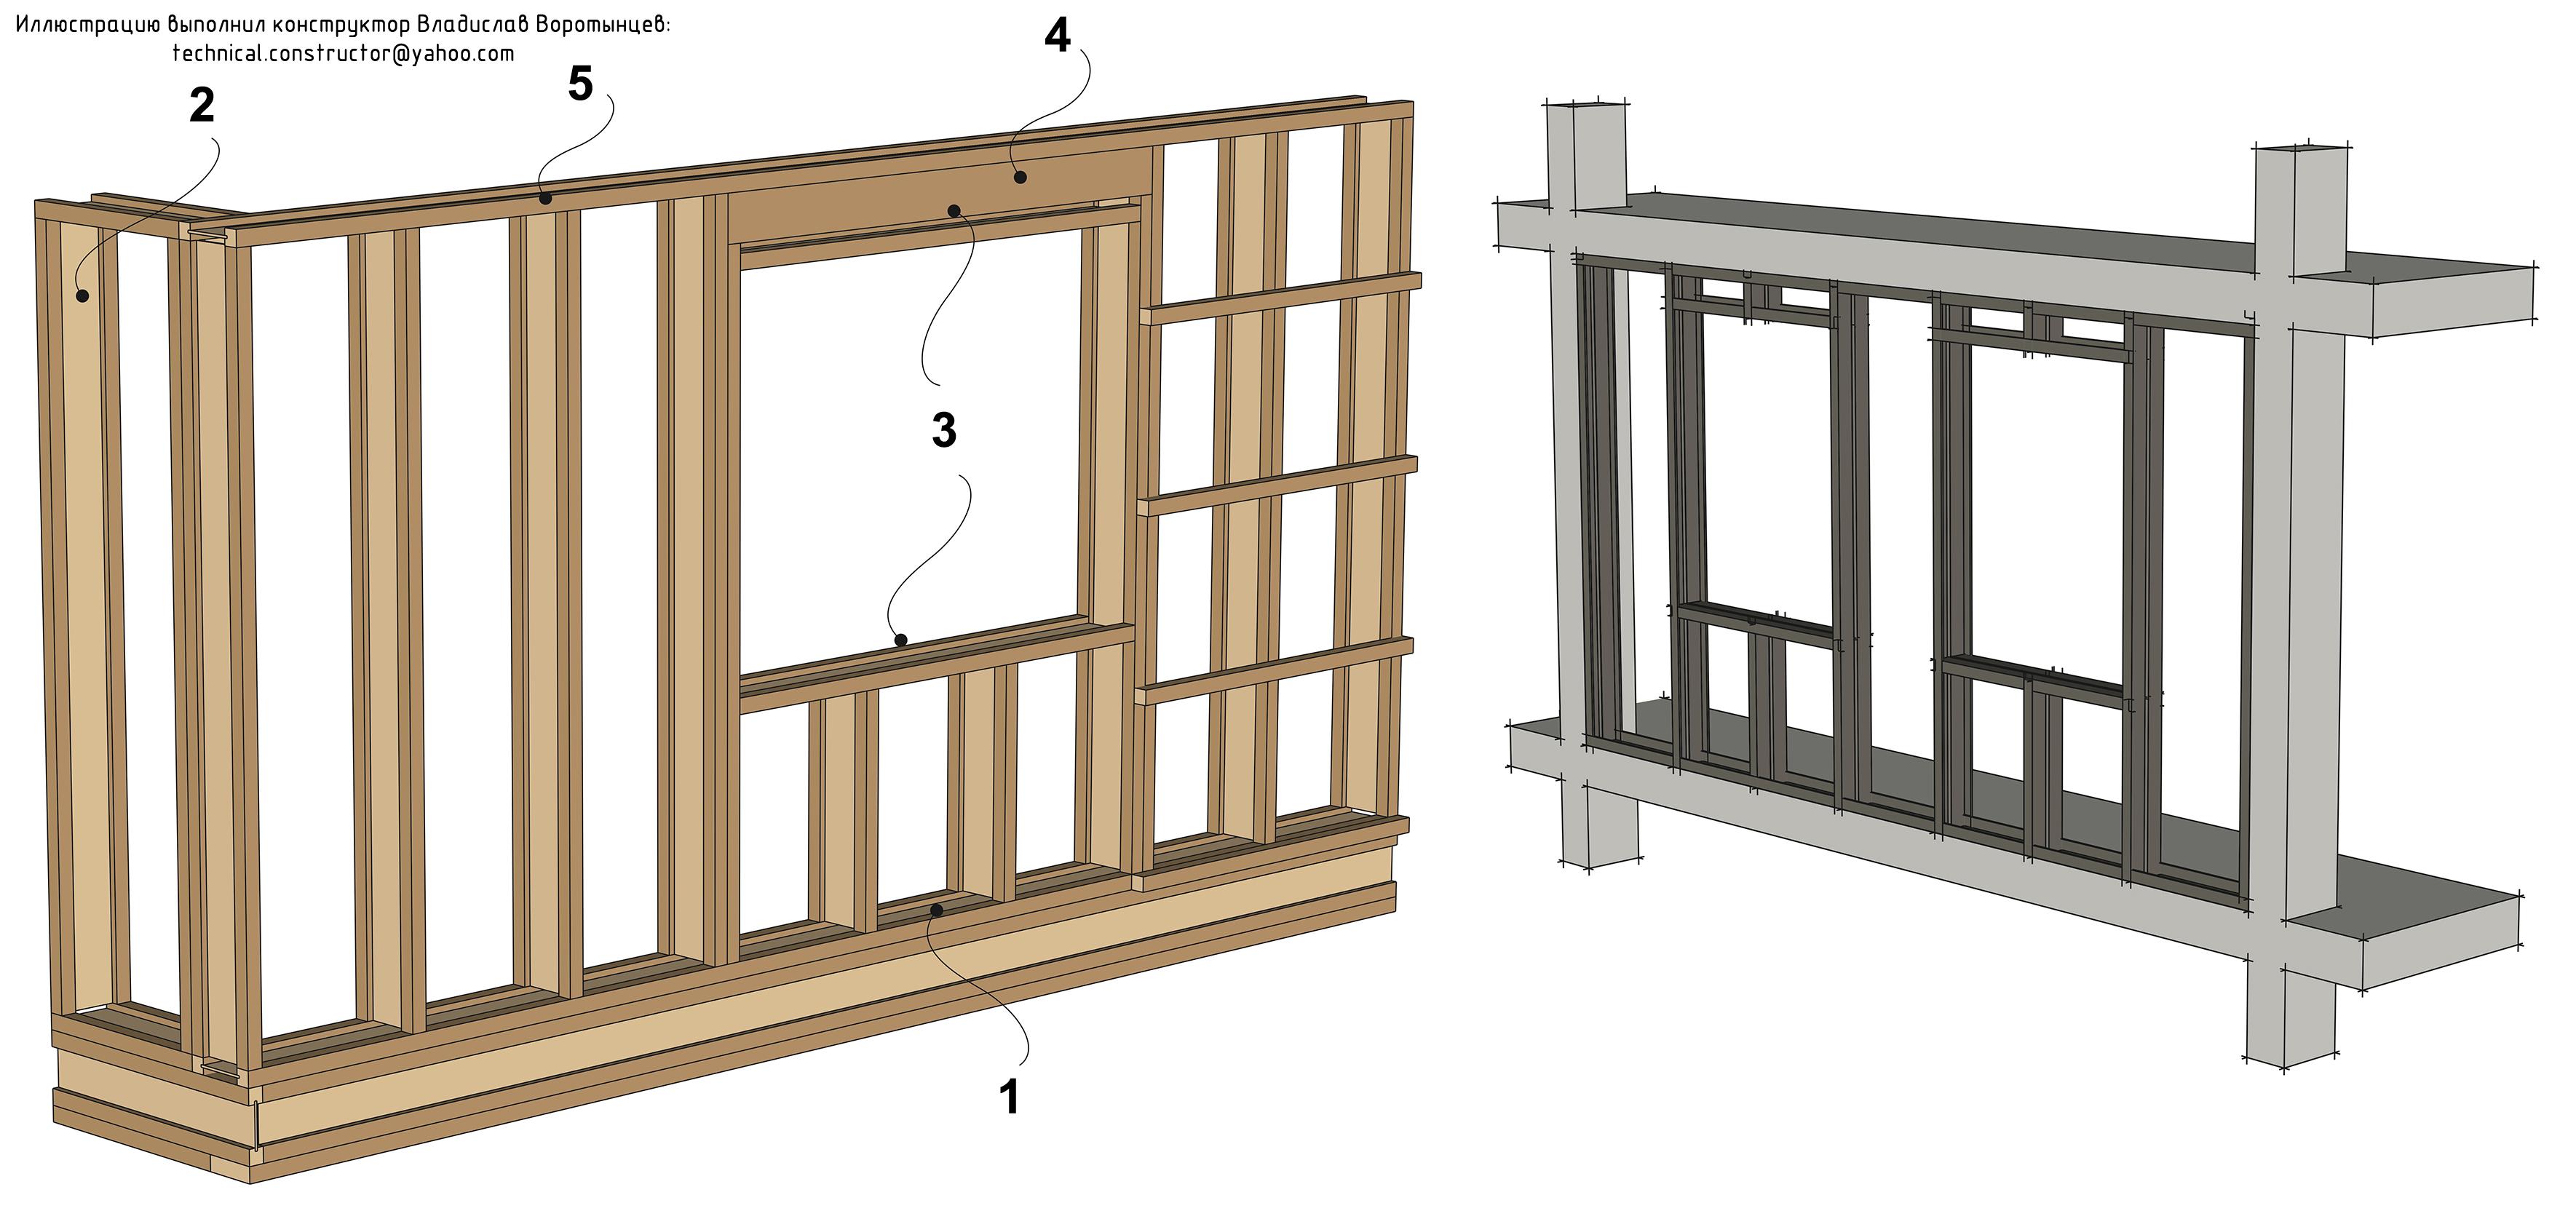 Каркасные стены из стальных и двутавровых профилей